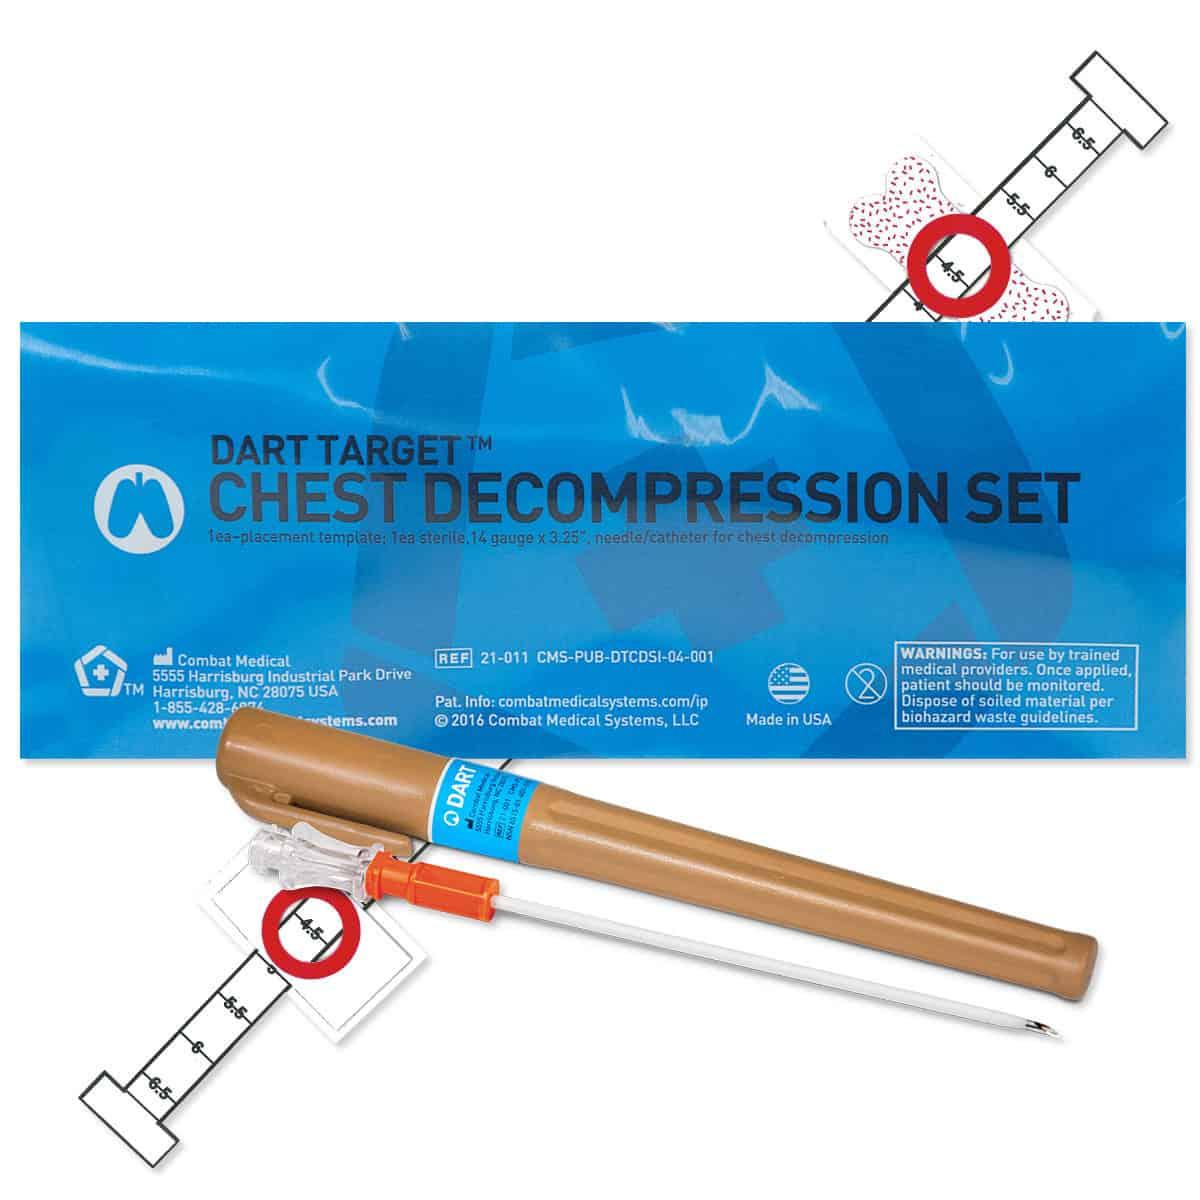 chest decompression set